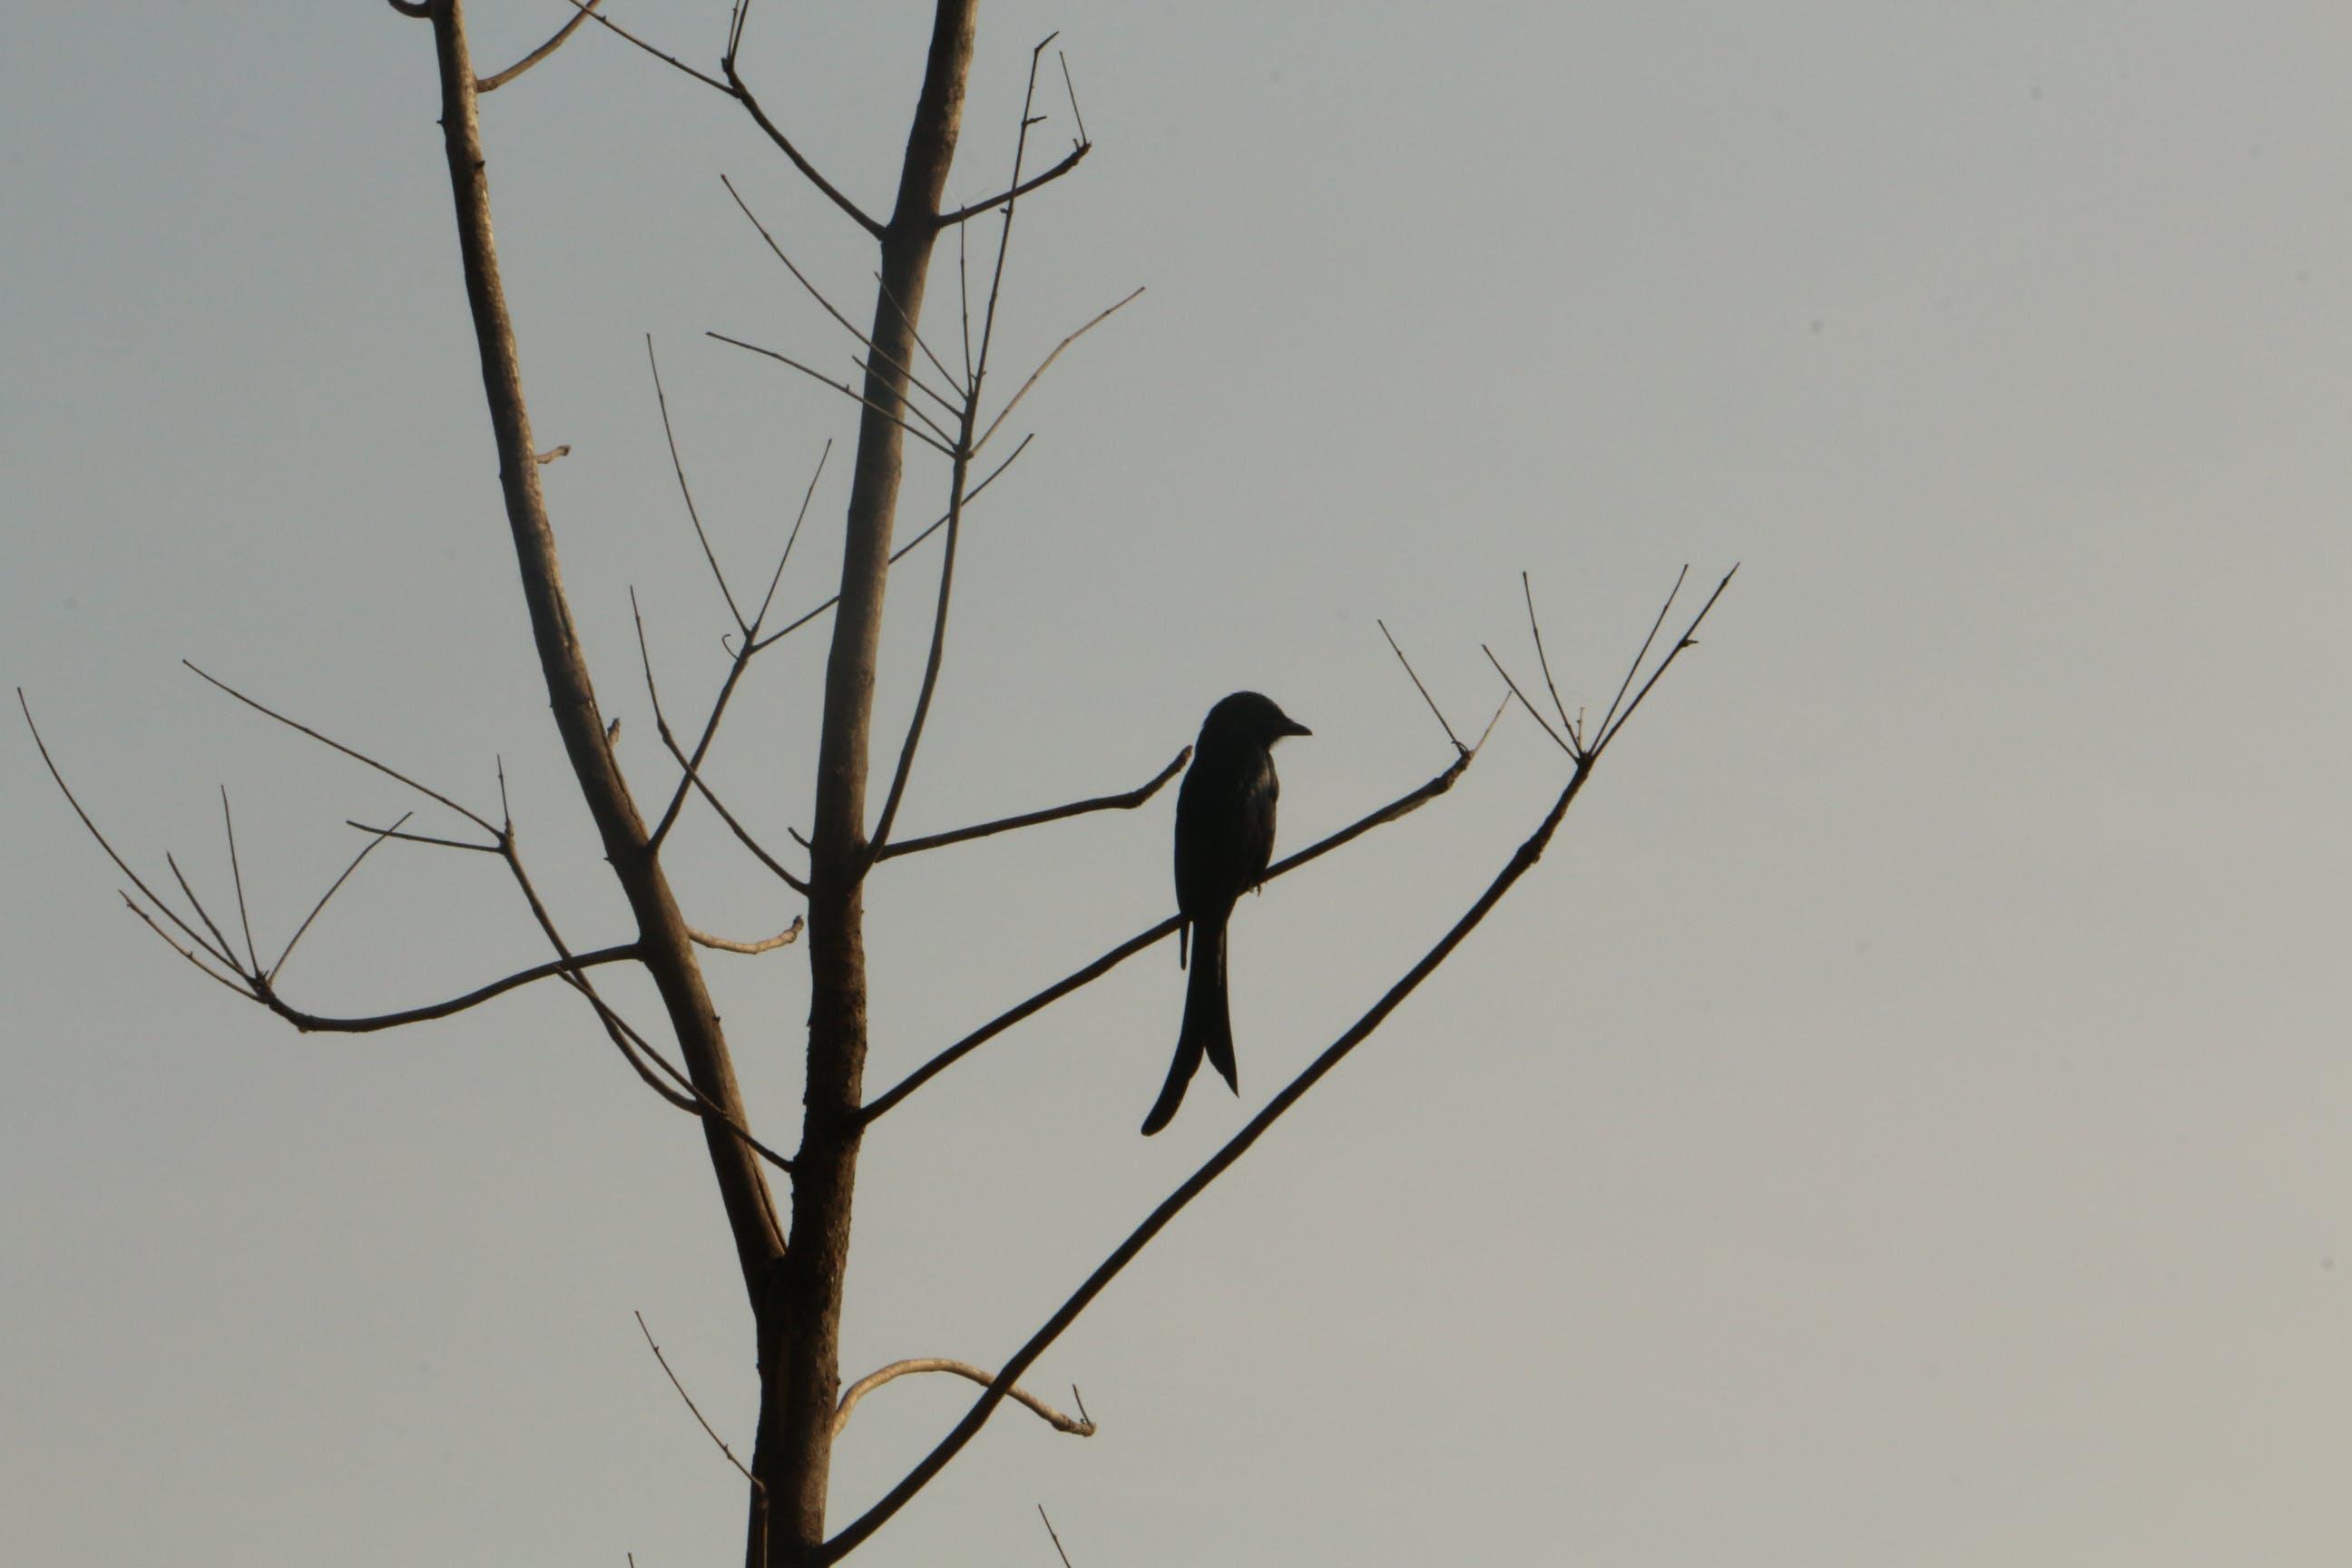 Free stock photo of bird, black and white, beautiful bird